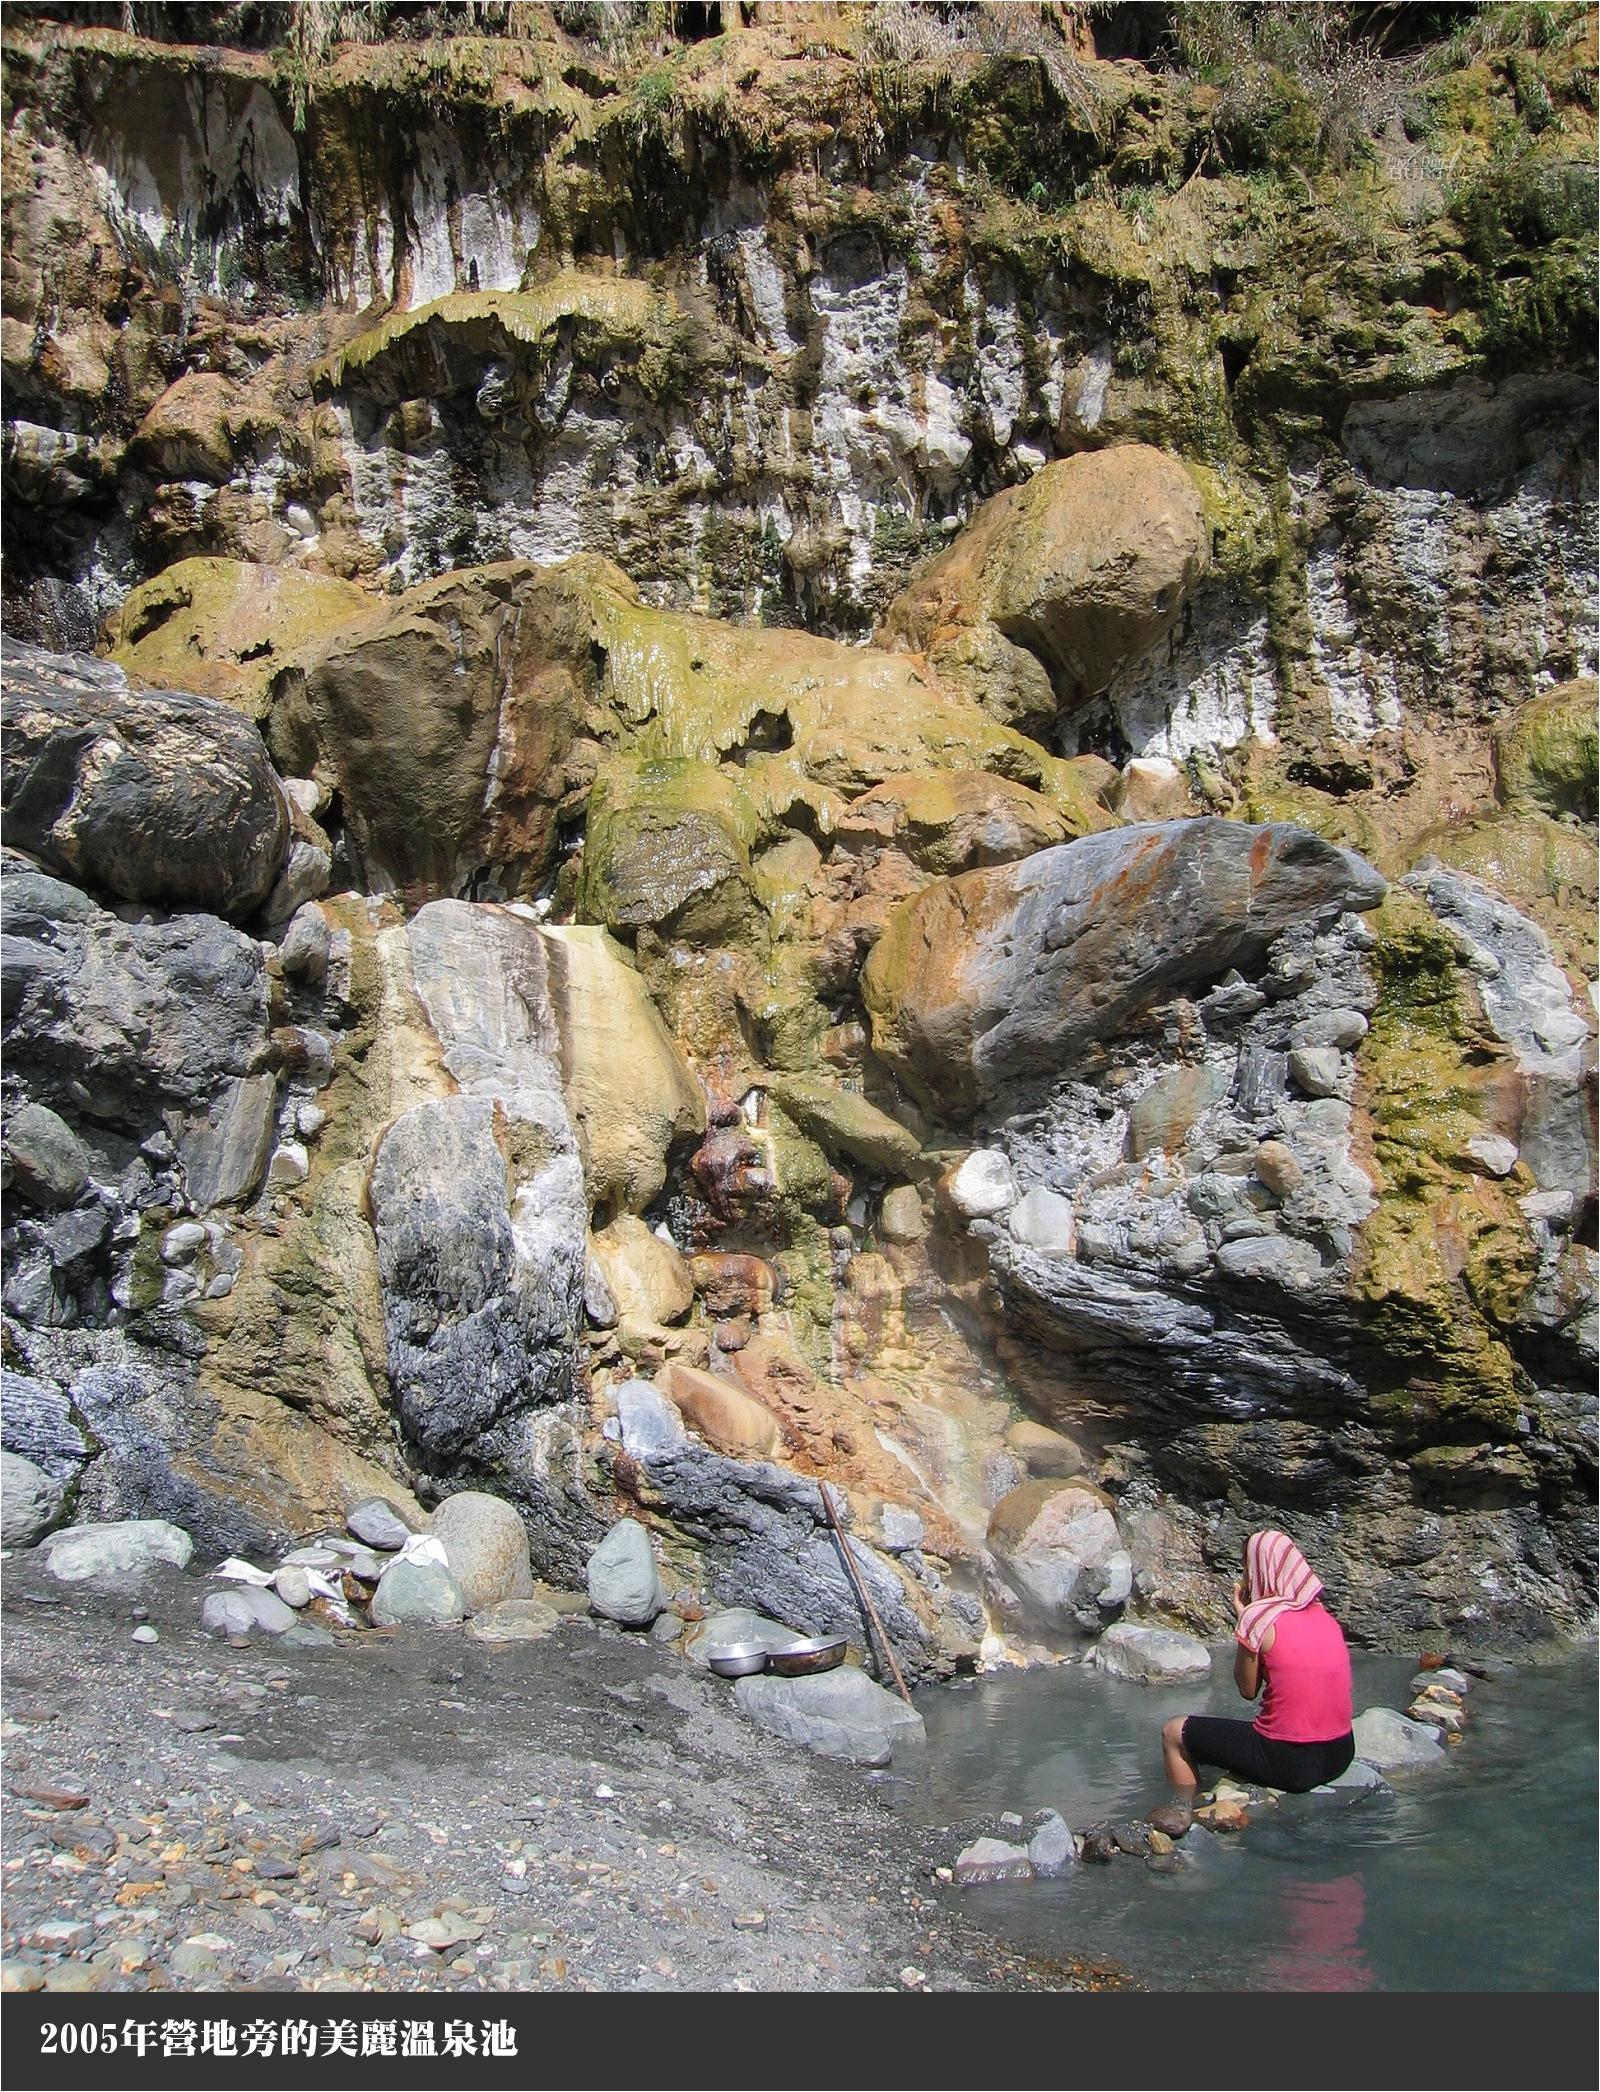 2005營地旁美麗的溫泉池